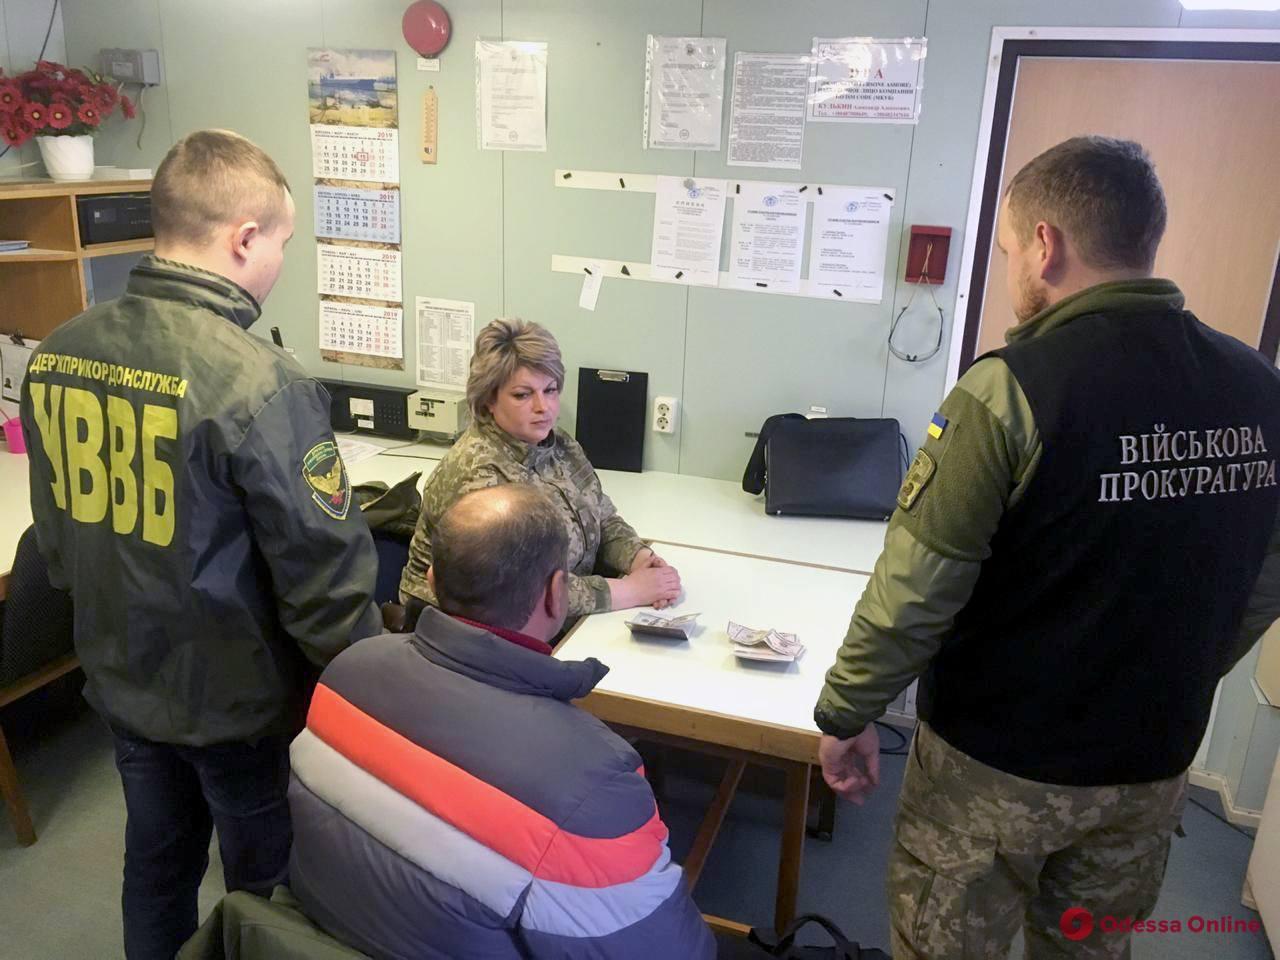 В Одесской области иностранцы предлагали взятку пограничникам